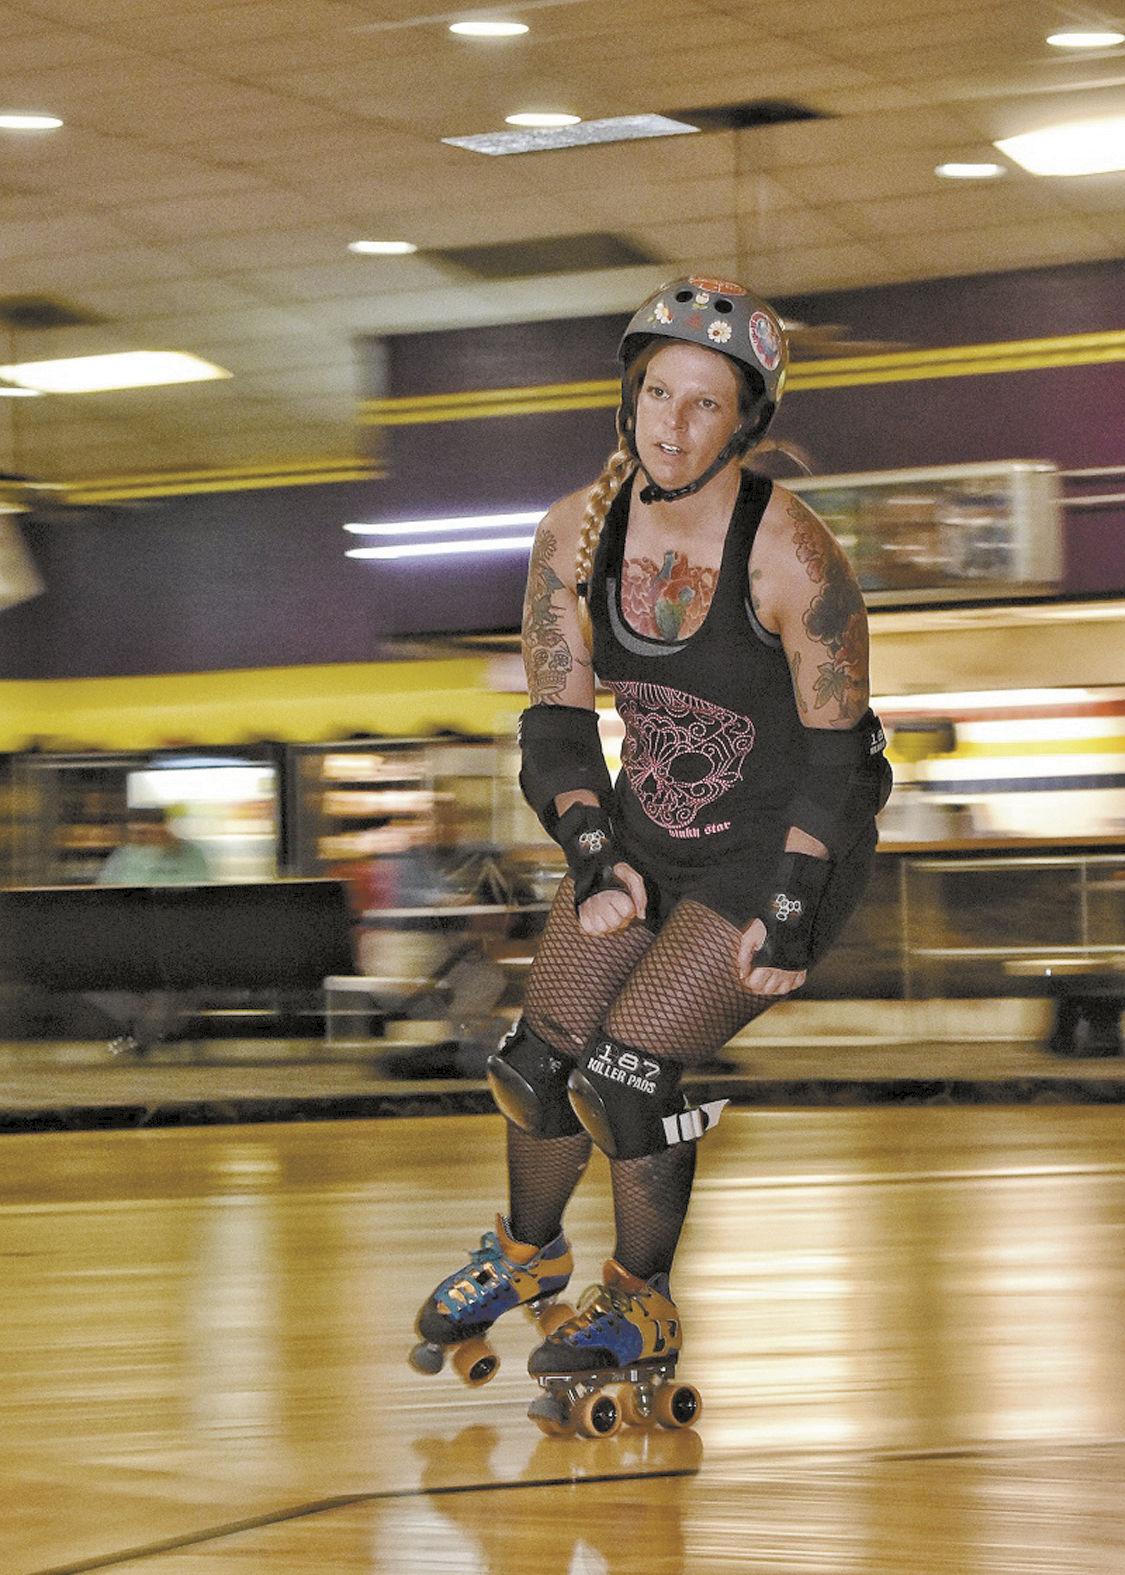 Roller skating rink huntsville al - Roller Derby Rider Jpg